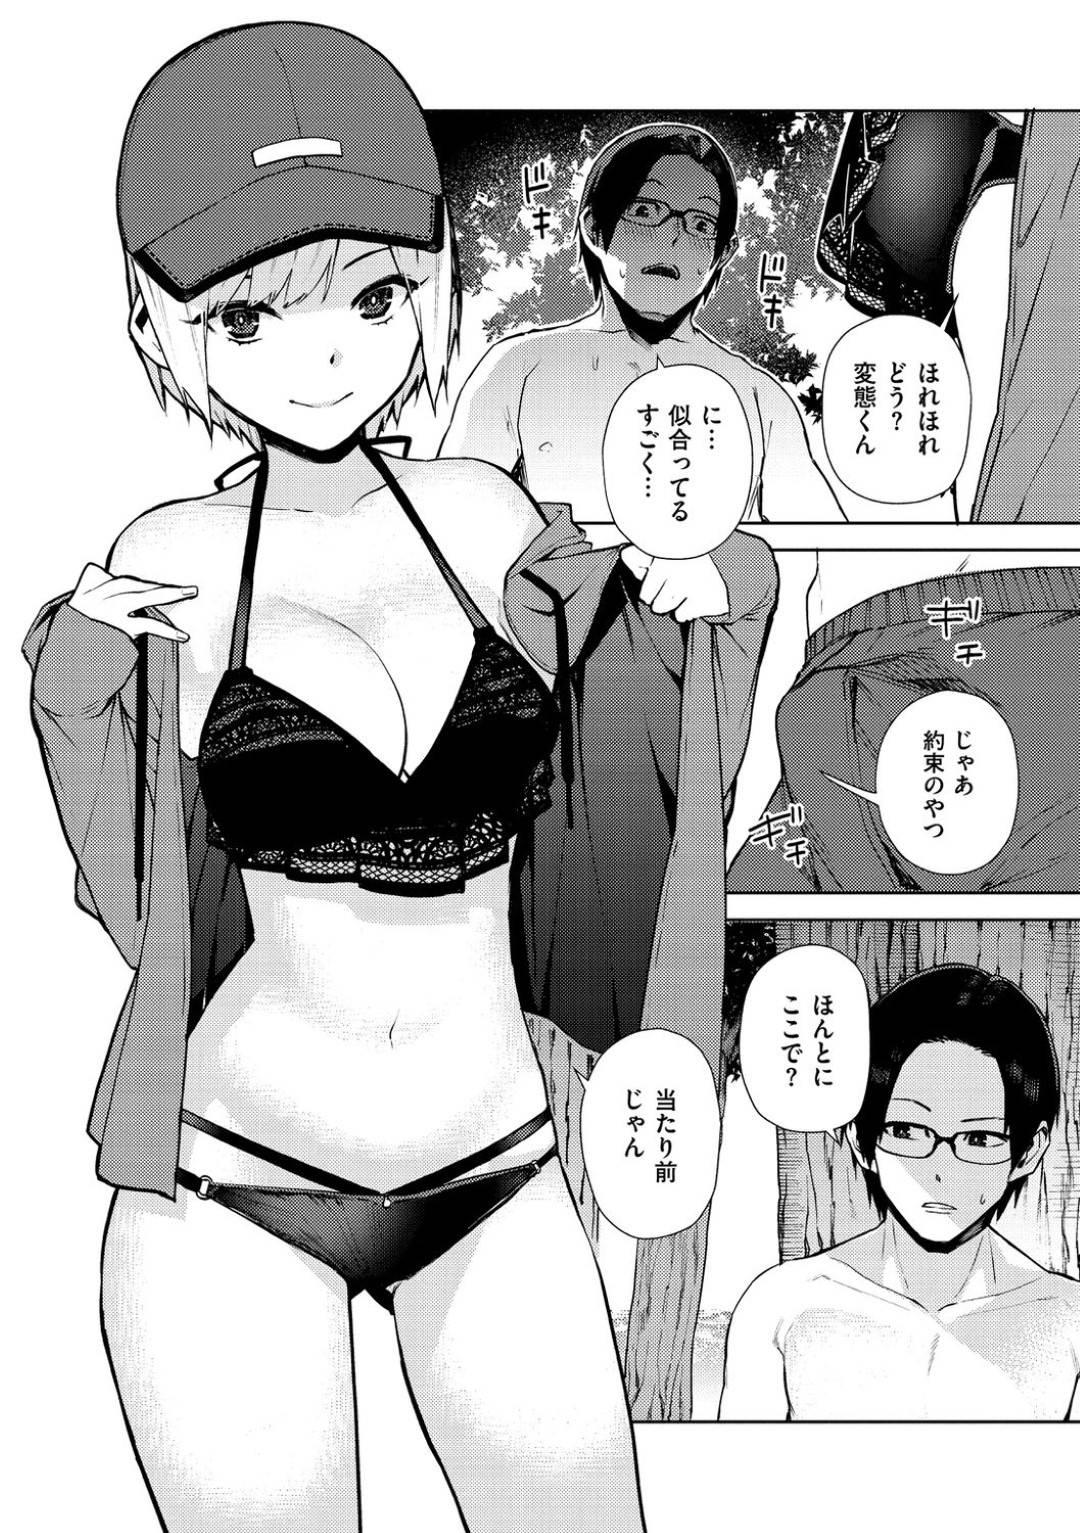 【エロ漫画】みんなで海水浴に来ているクールなお姉さんは木の陰で好きな男子だけに水着姿を見せてイチャラブ青姦セックス